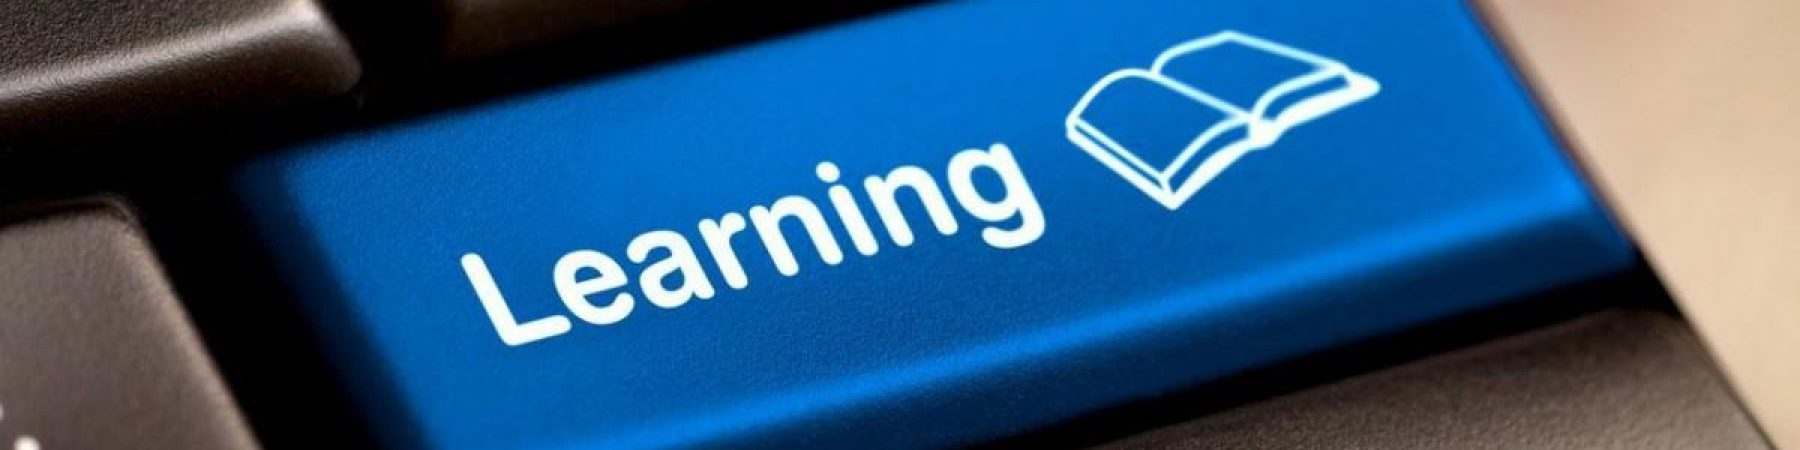 آموزش مجازی در پژوهشسرا